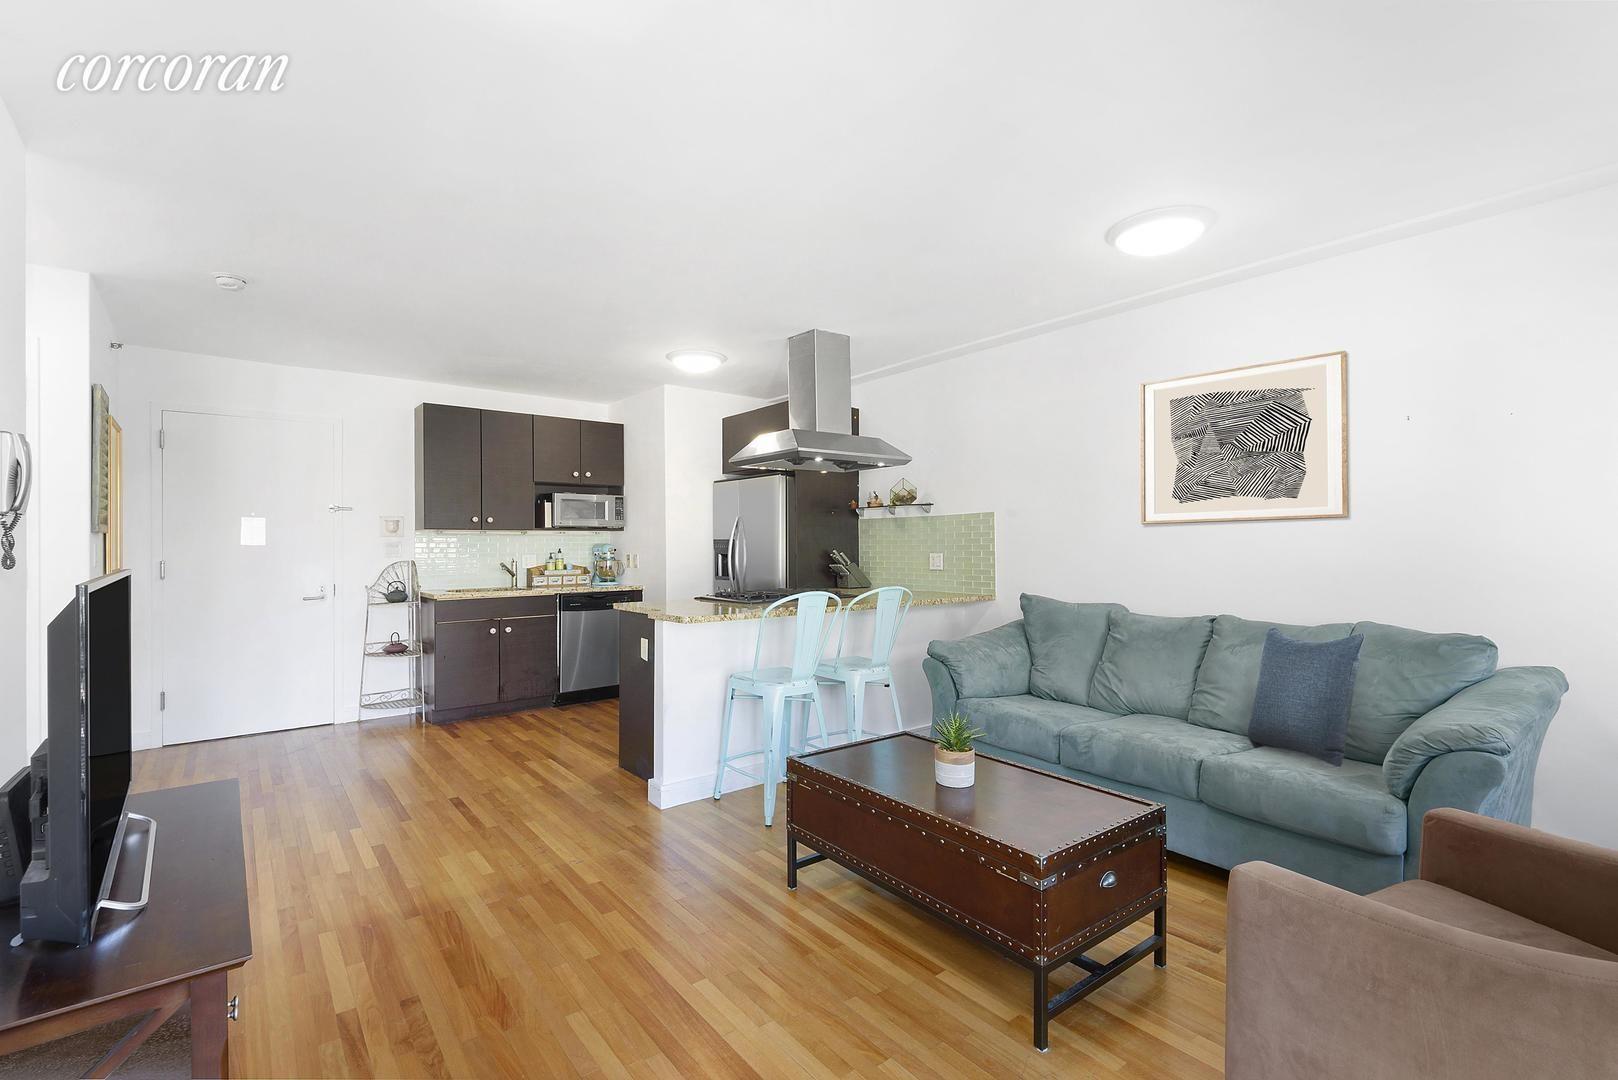 Apartment for sale at 1610 Dekalb Avenue, Apt 4D